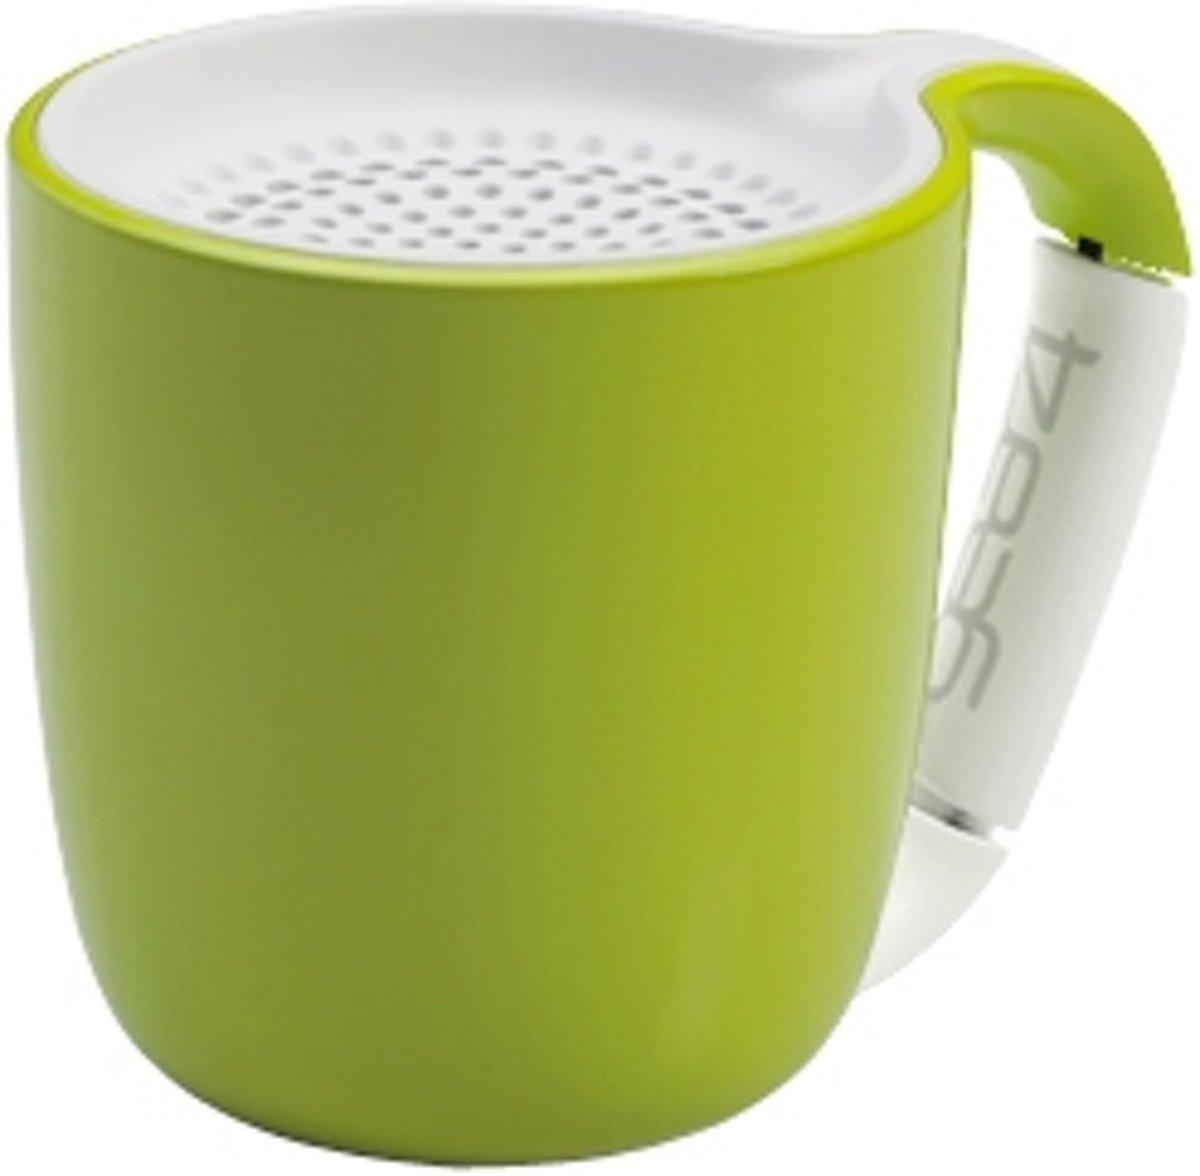 Gear4-draadloze speaker- PS006 Espresso - Groen kopen